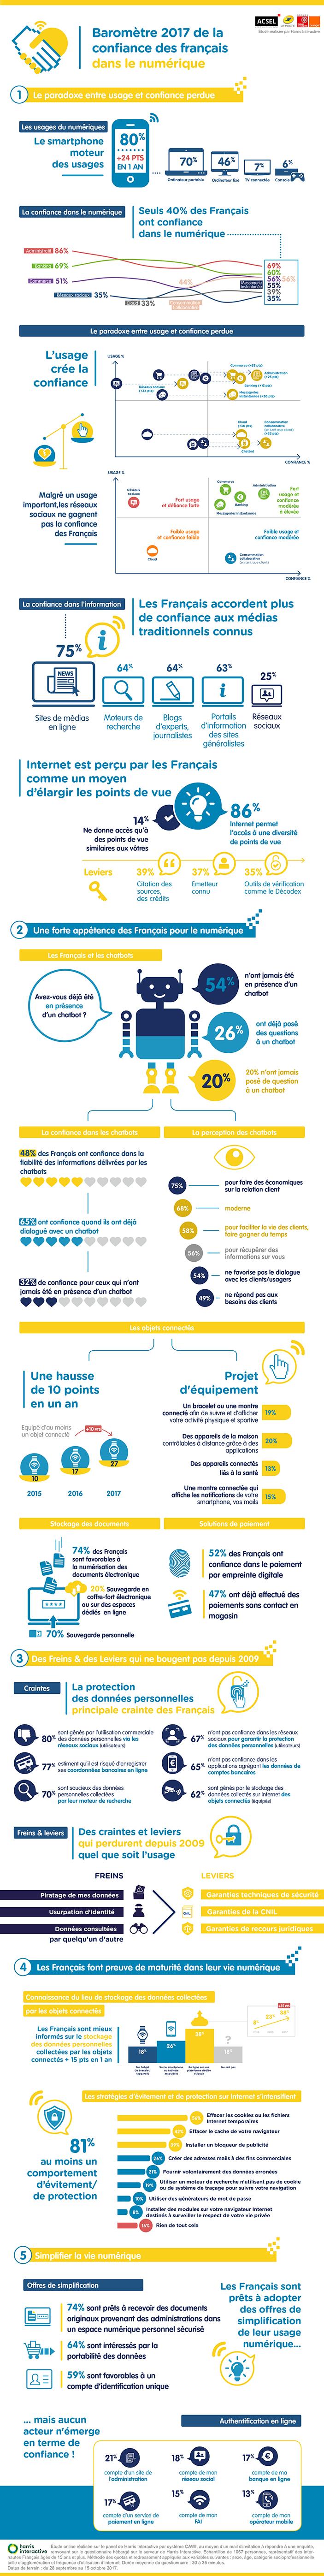 Infographie - Baromètre de la confiance des Français dans le numérique